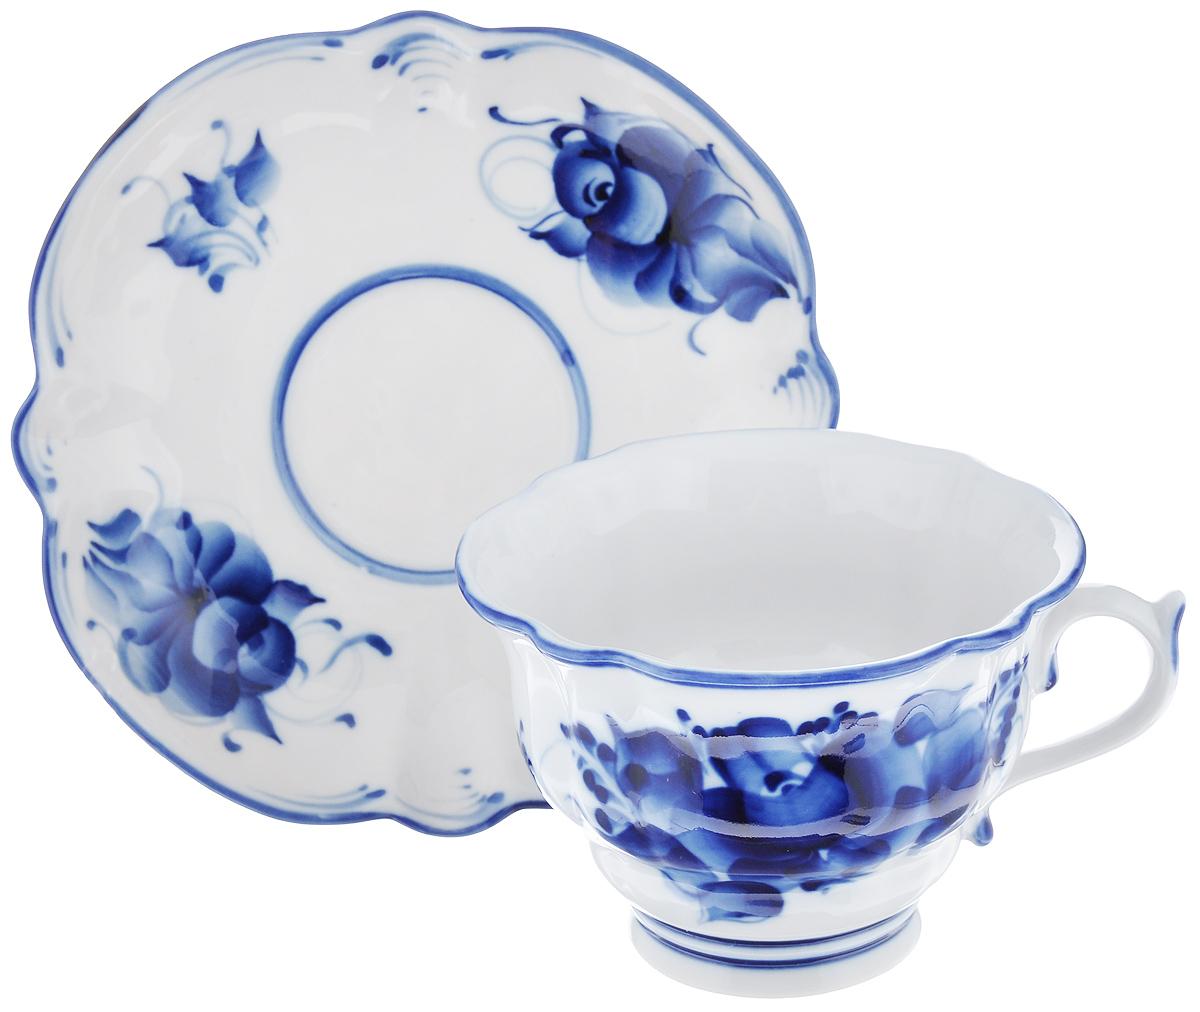 Чайная пара Орхидея, цвет: белый, синий, 2 предмета993040712Чайная пара Орхидея состоит из чашки и блюдца, выполненных из высококачественной керамики и оформленных гжельской росписью. Яркий дизайн, несомненно, придется вам по вкусу.Чайная пара Орхидея украсит ваш кухонный стол, а также станет замечательным подарком к любому празднику. Уважаемые клиенты!Обратите ваше внимание, что роспись на изделии выполнена вручную. Рисунок может немного отличаться от изображения на фотографии.Объем чашки: 250 мл.Диаметр чашки (по верхнему краю): 11 см.Диаметр дна чашки: 5,5 см.Высота чашки: 7,5 см.Диаметр блюдца: 15,5 см.